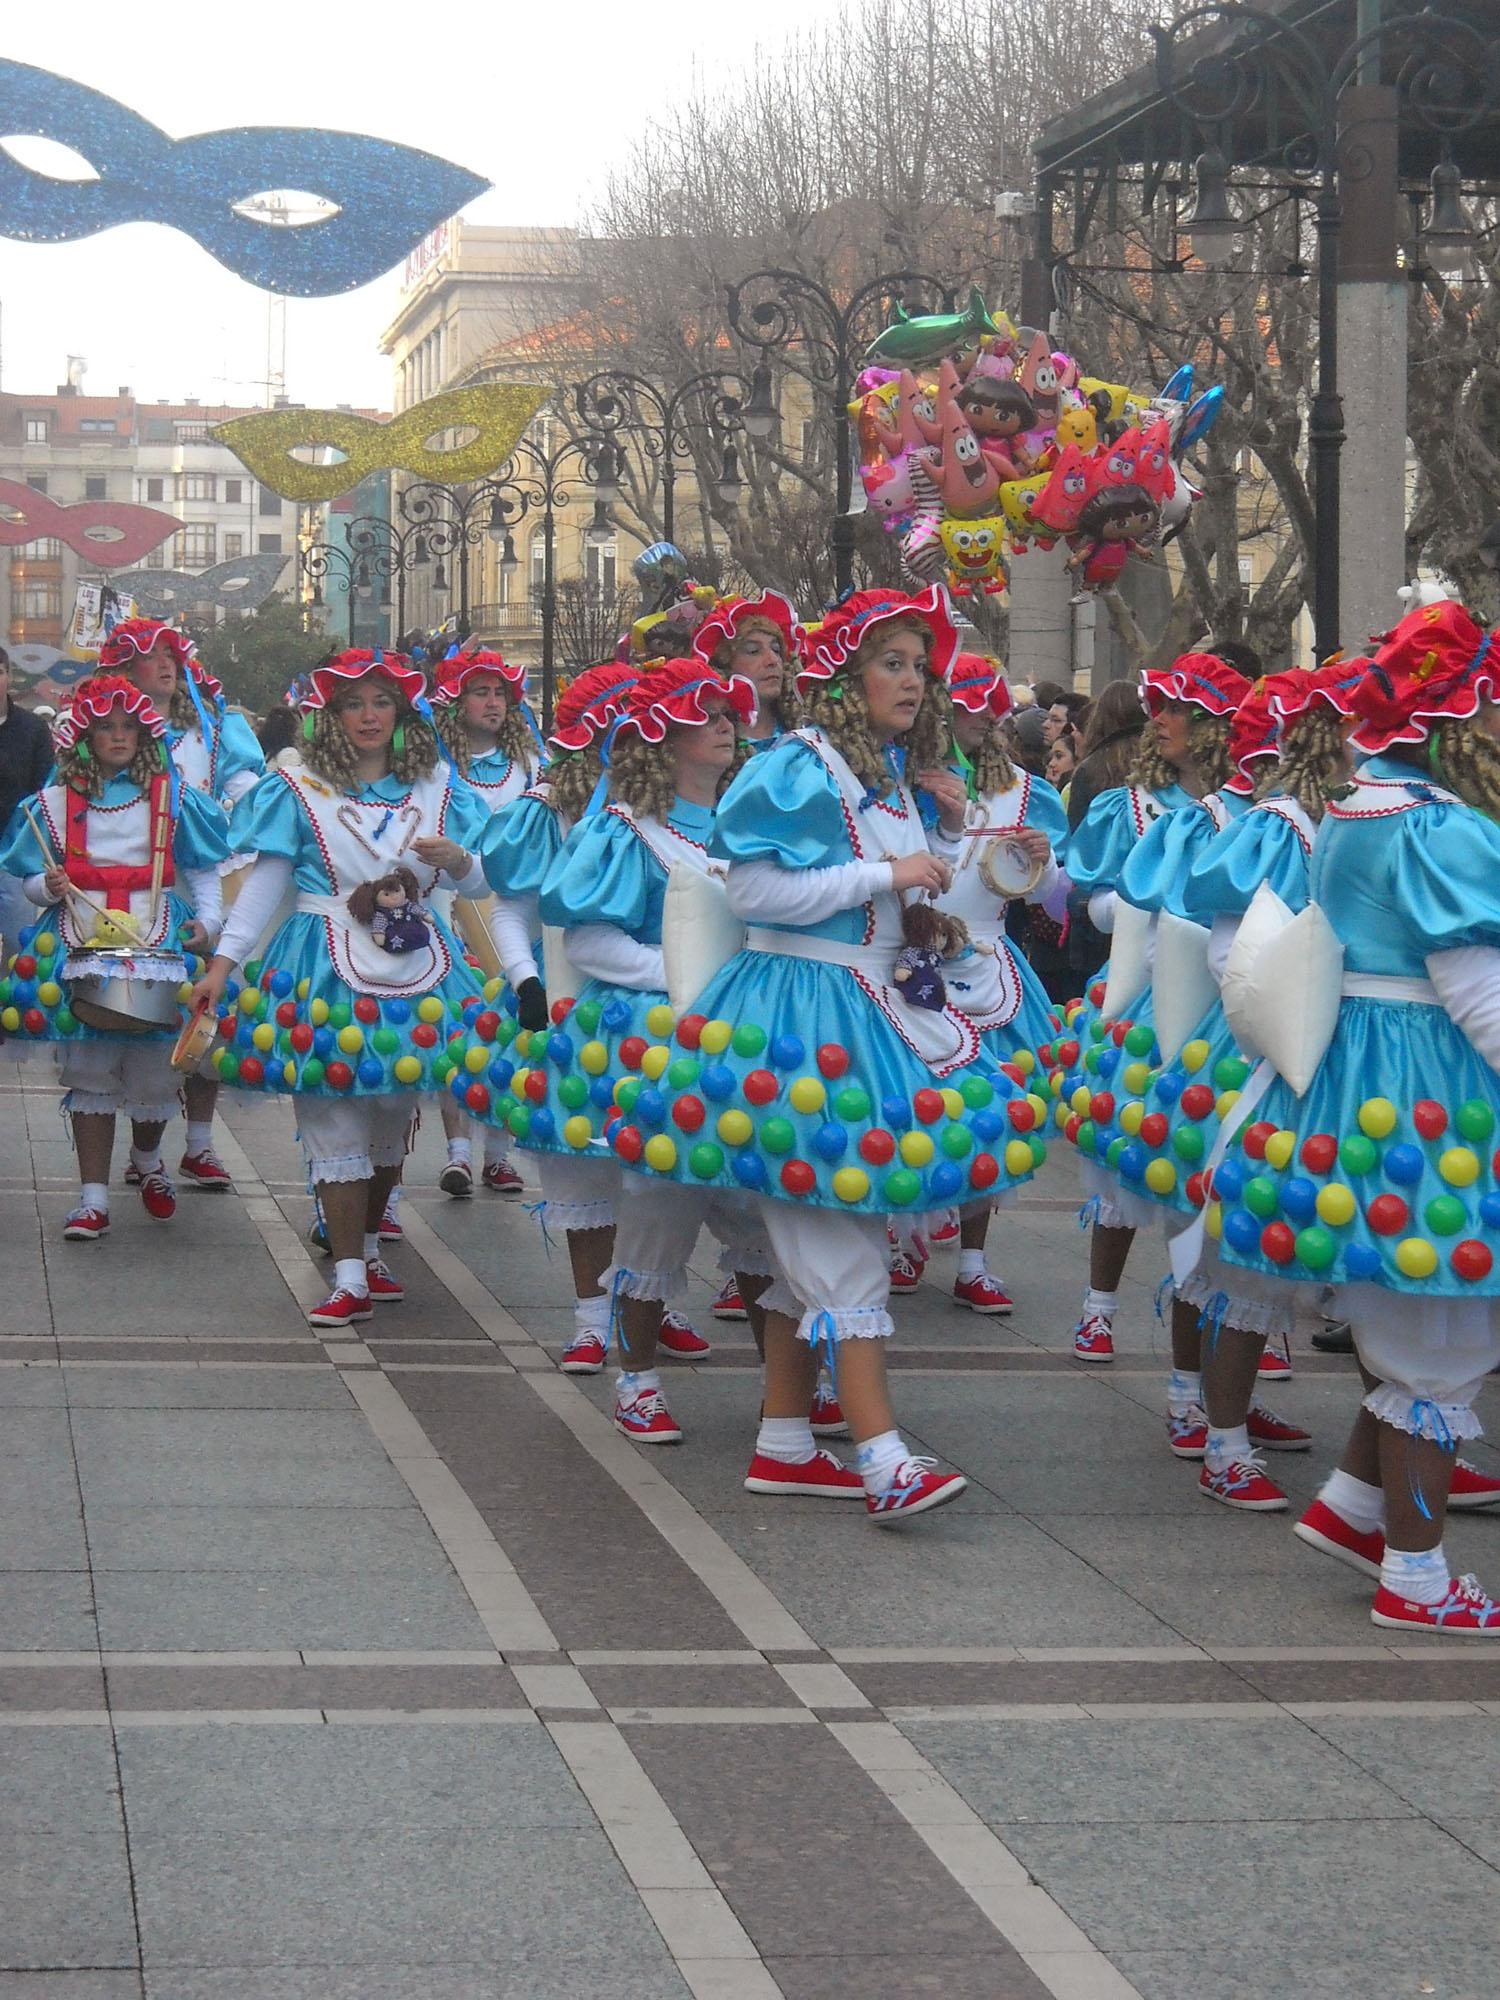 Carnaval en asturias as mbrate con los mil rostros del - Carnaval asturias 2017 ...